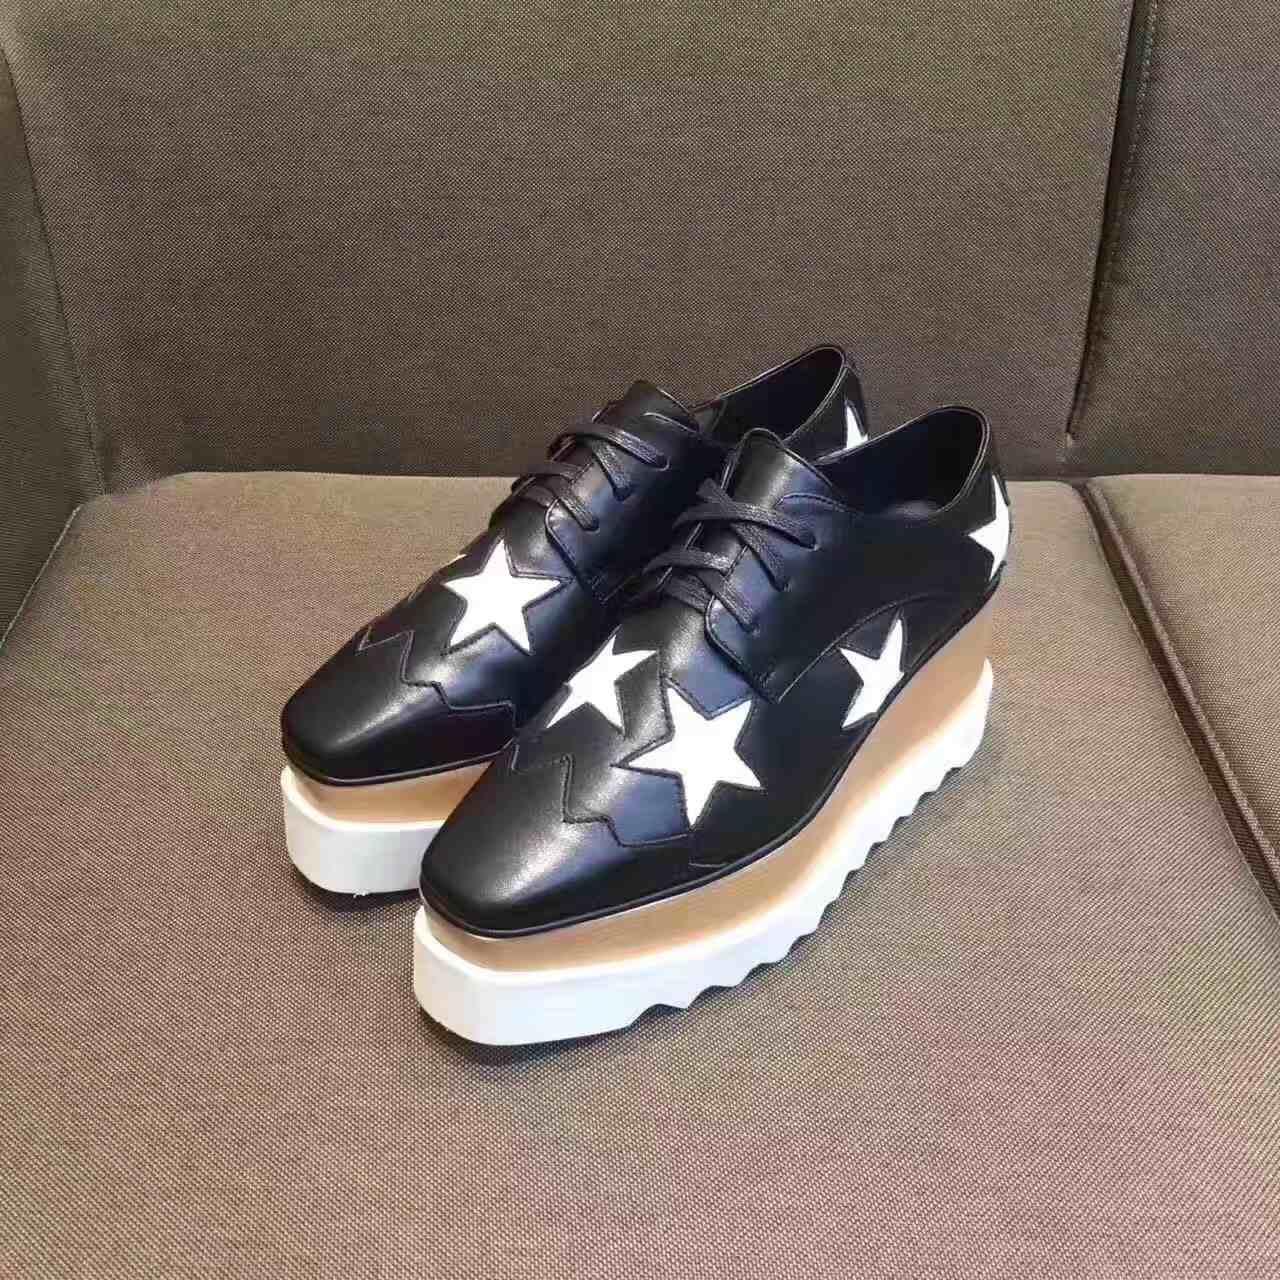 高仿名牌鞋货源_Stella